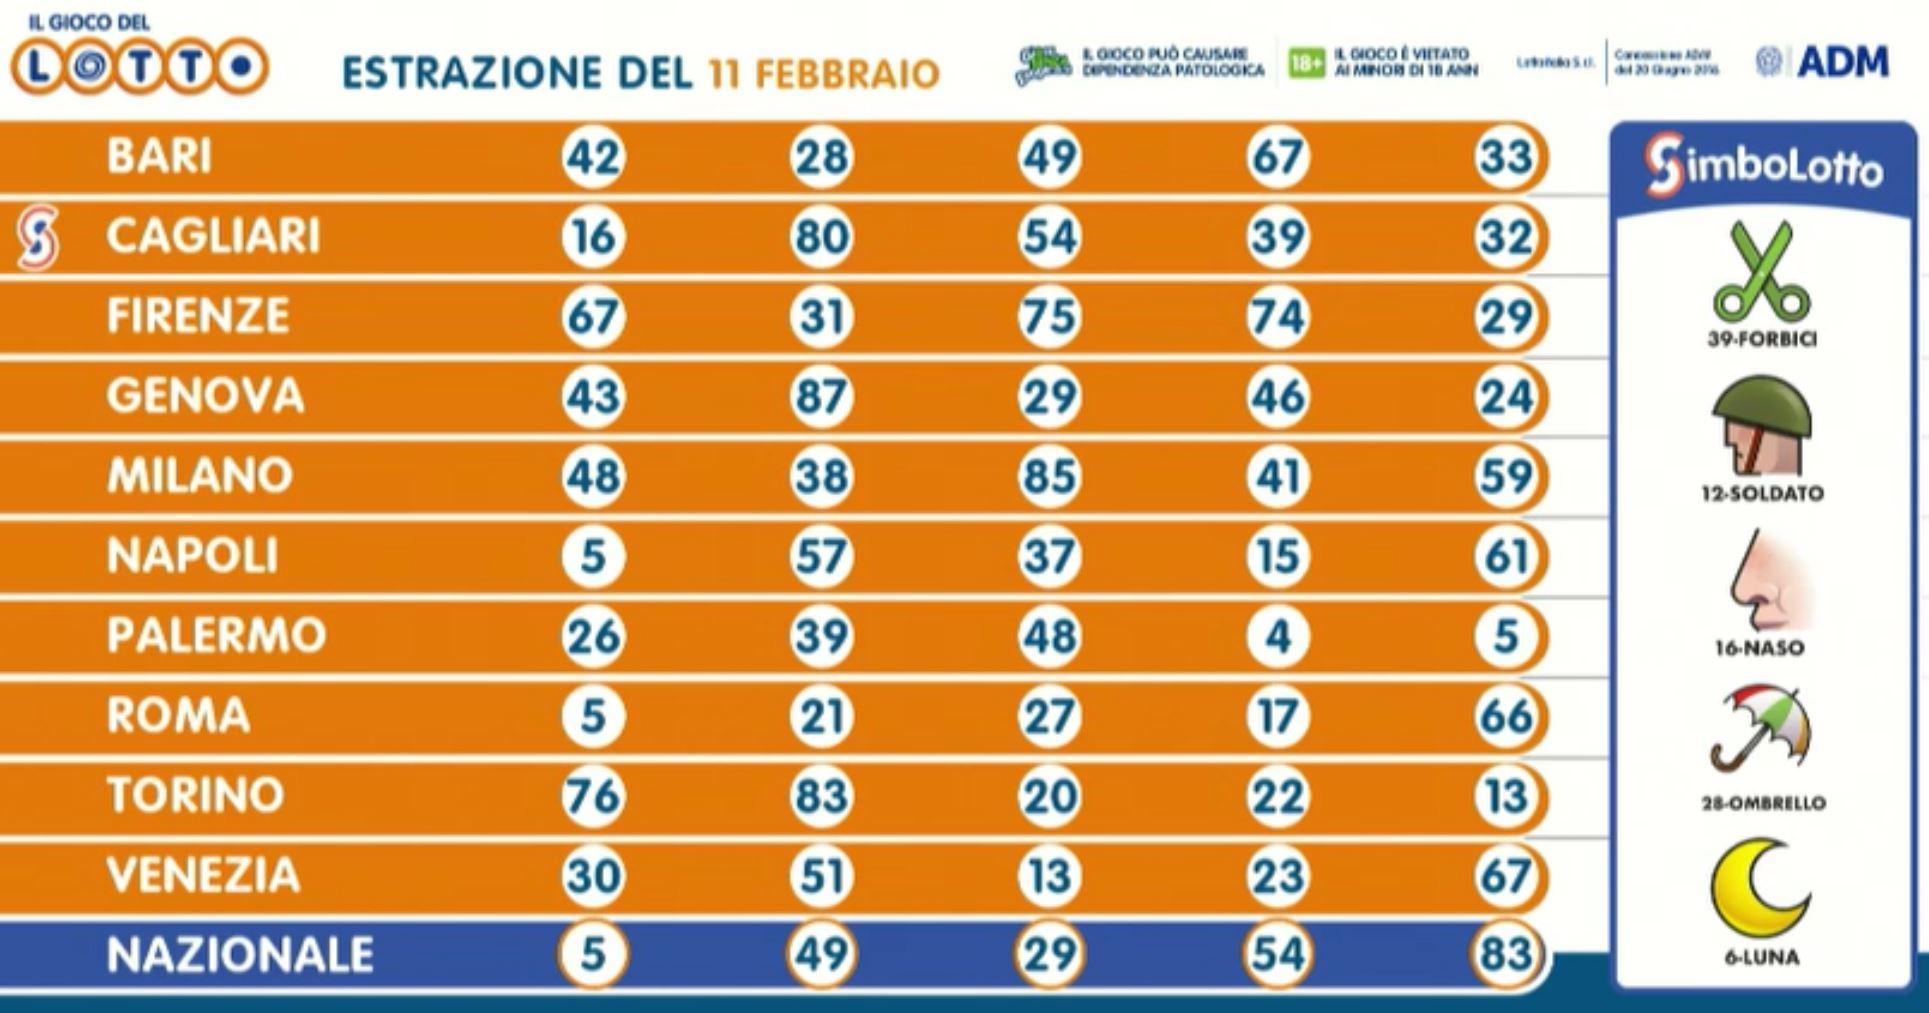 Estrazione lotto 11 febbraio: Superenalotto 10eLotto ...